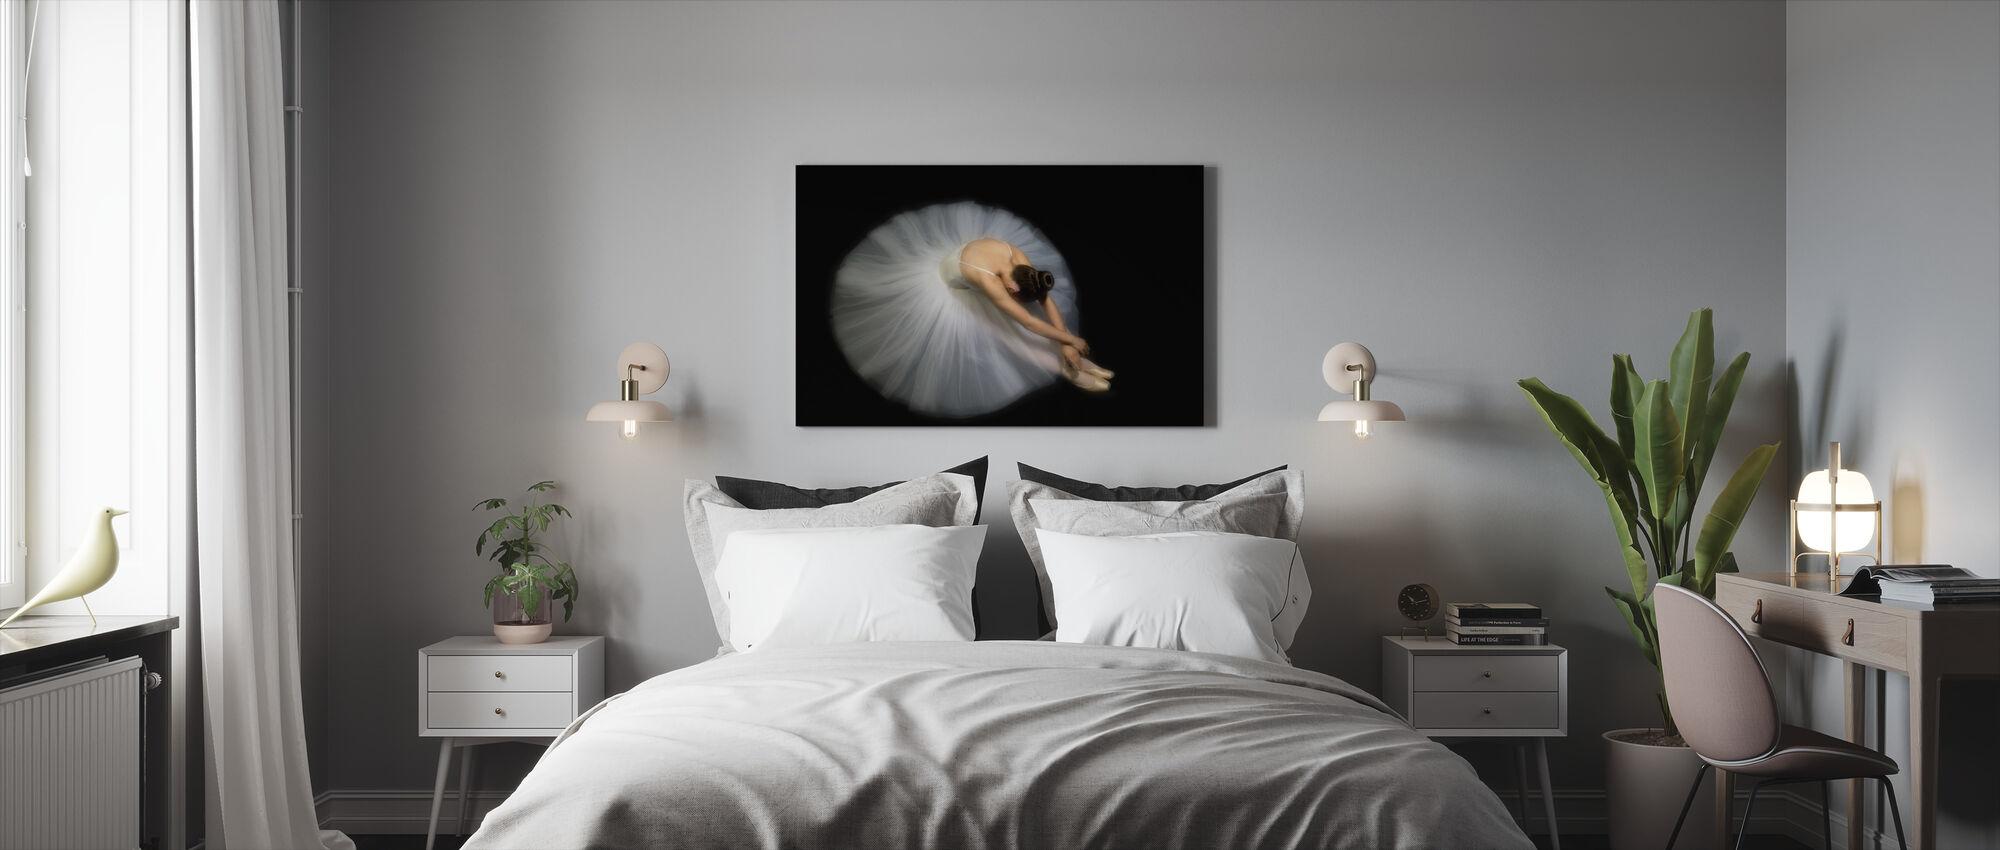 Elegancia - Lienzo - Dormitorio